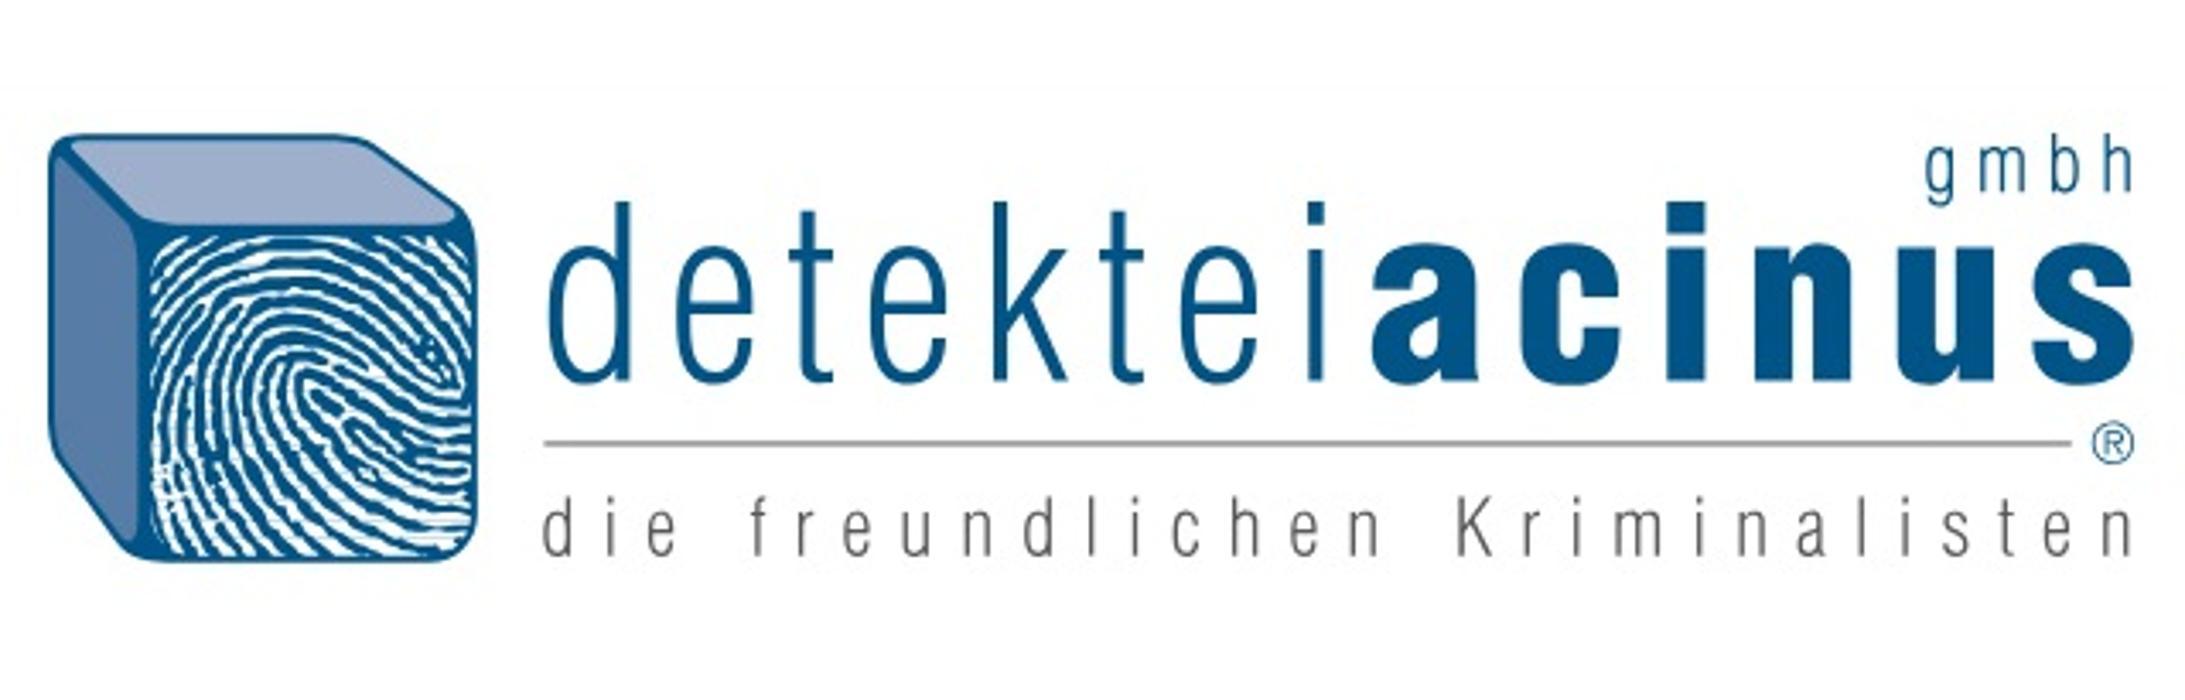 Bild zu Detektei acinus - die freundlichen Kriminalisten GmbH in Heidelberg